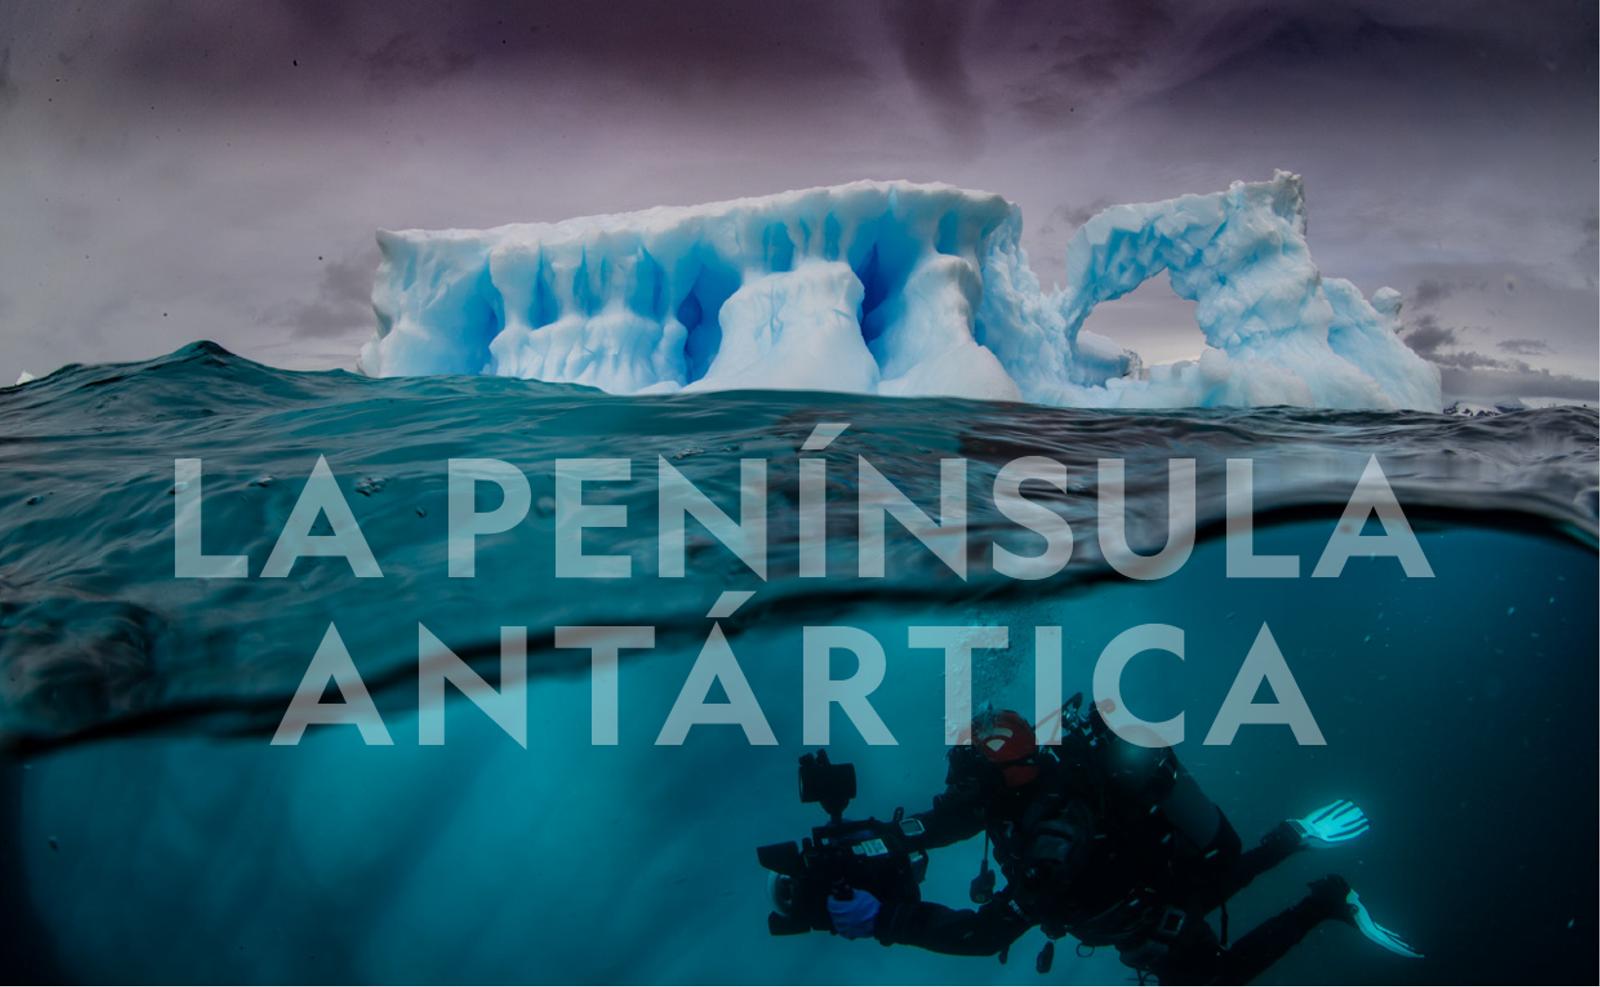 Documental La Península Antártica - National Geographic Pristine Seas